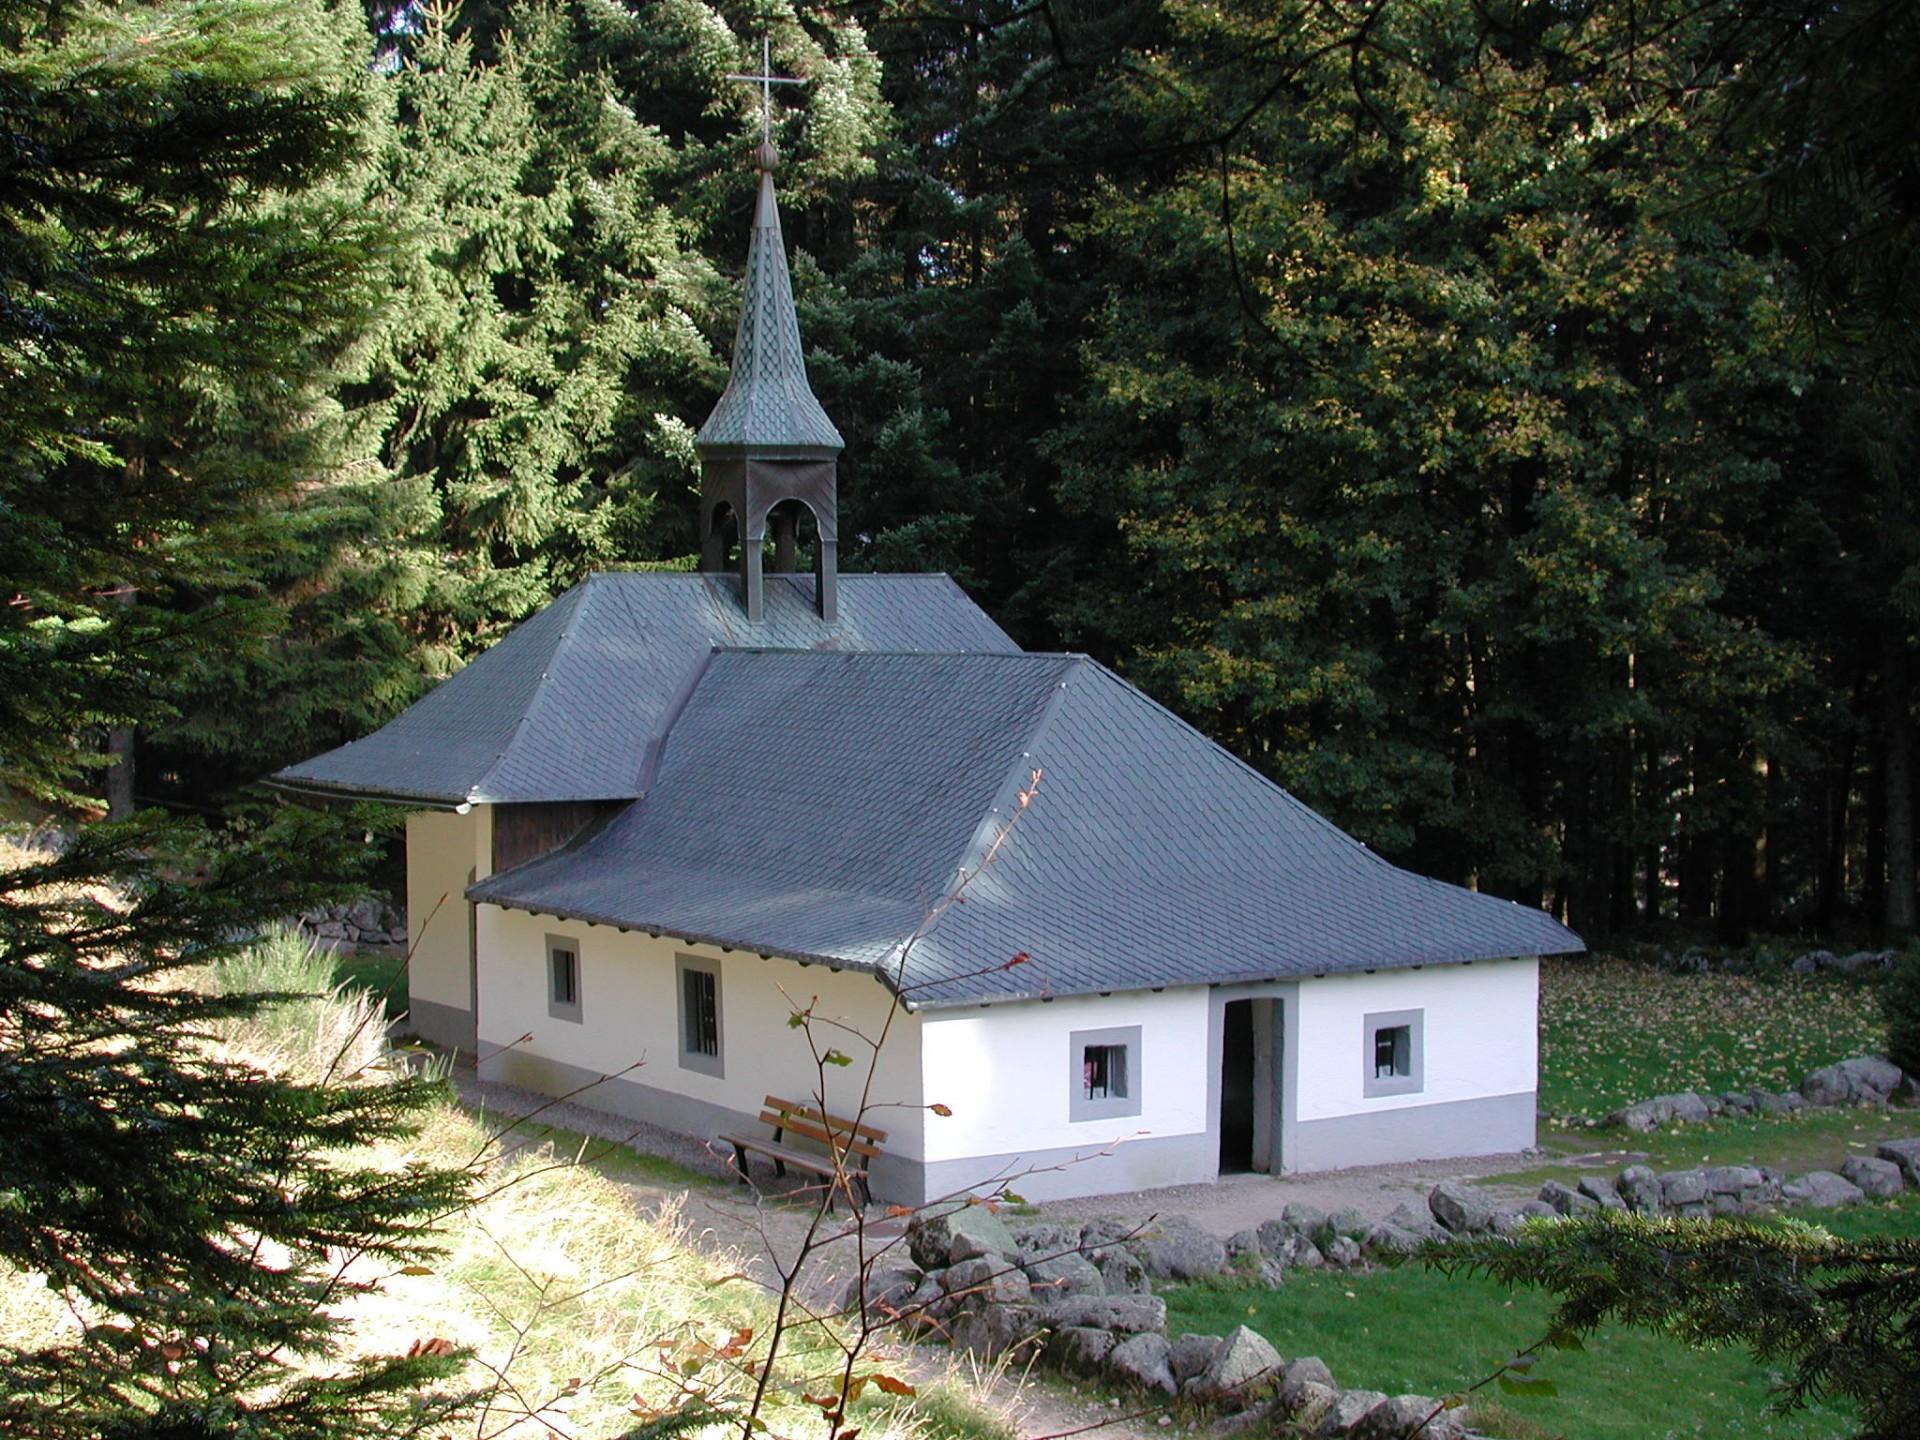 chapelle-boule-de-neige-237